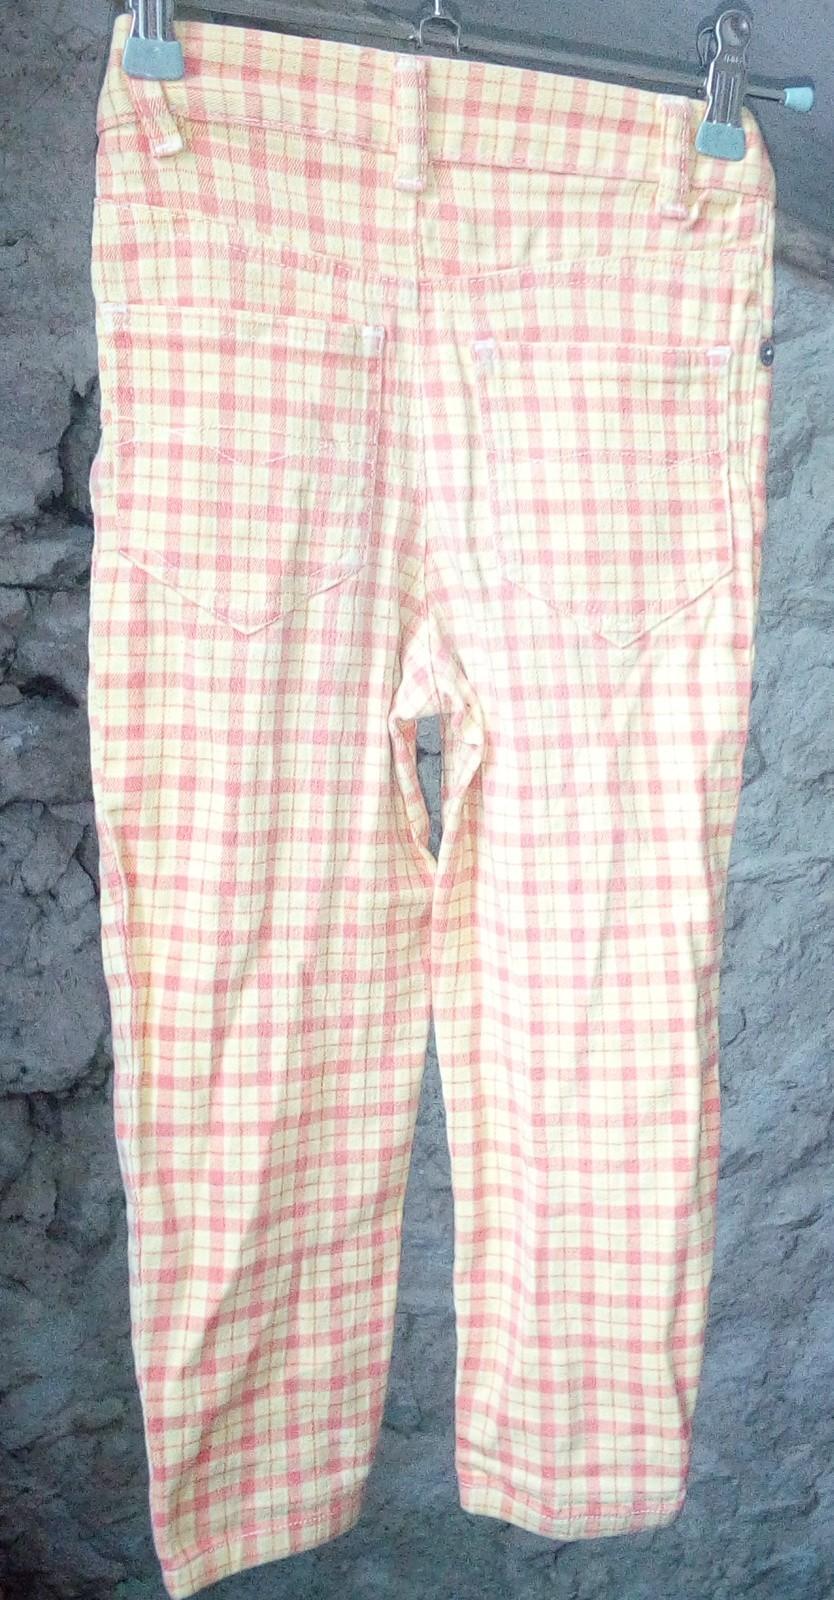 troc de troc pantalon 4 ans image 1